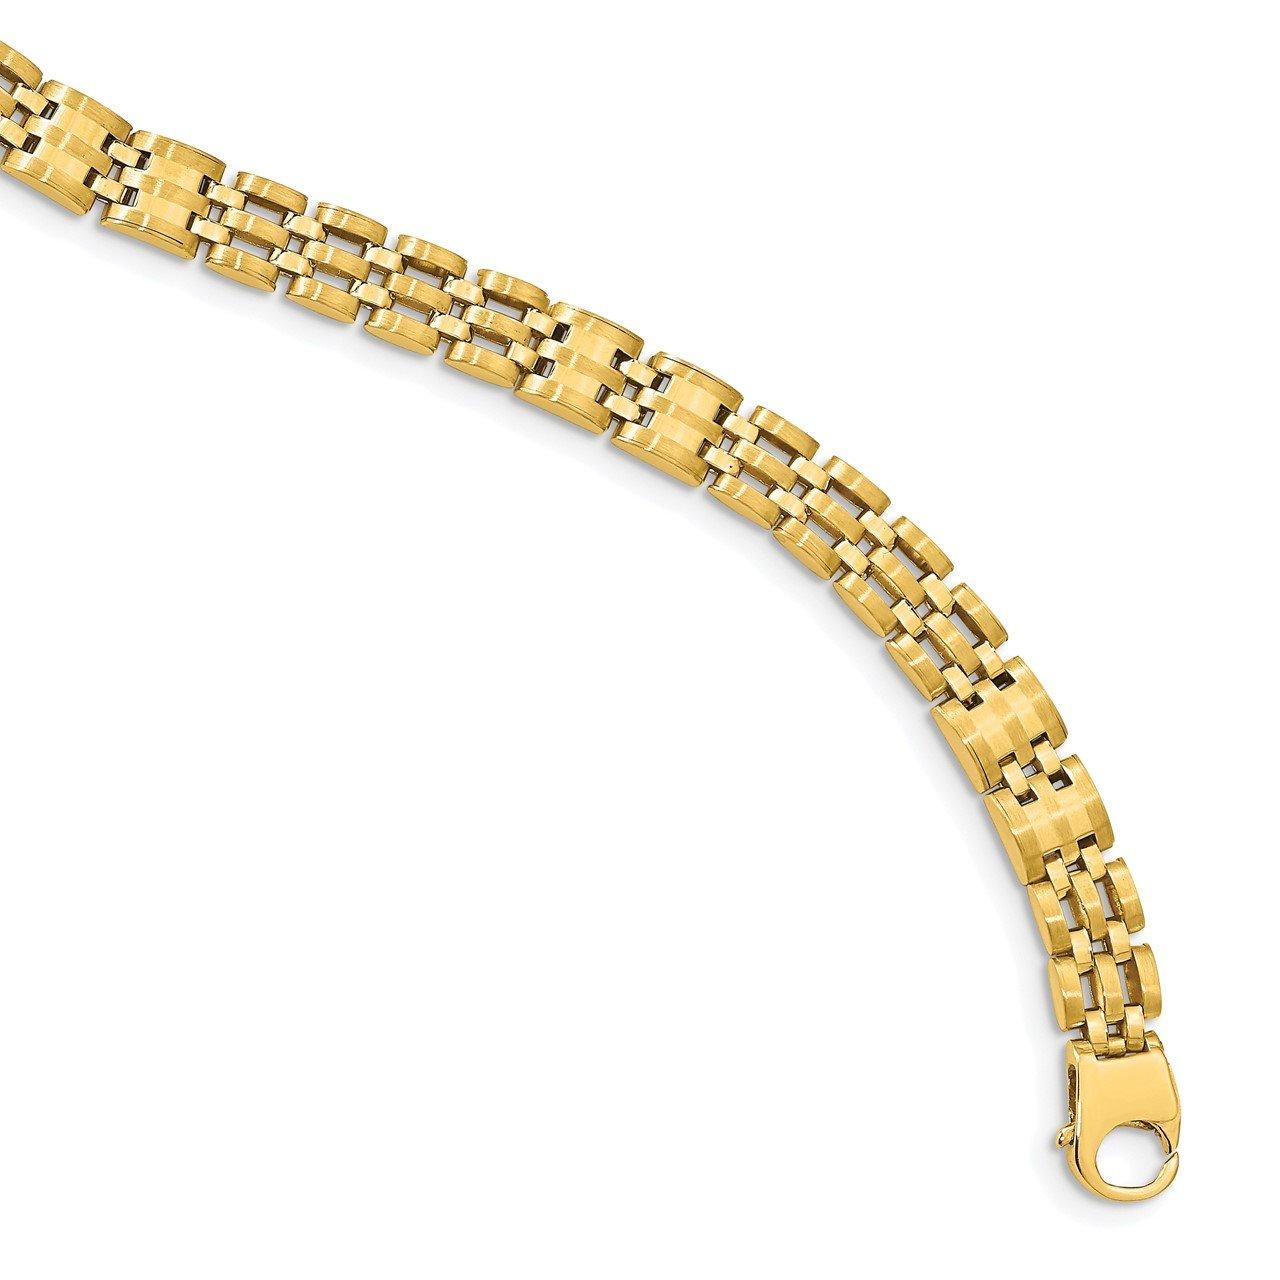 14k Satin and Polished Men's Link Bracelet